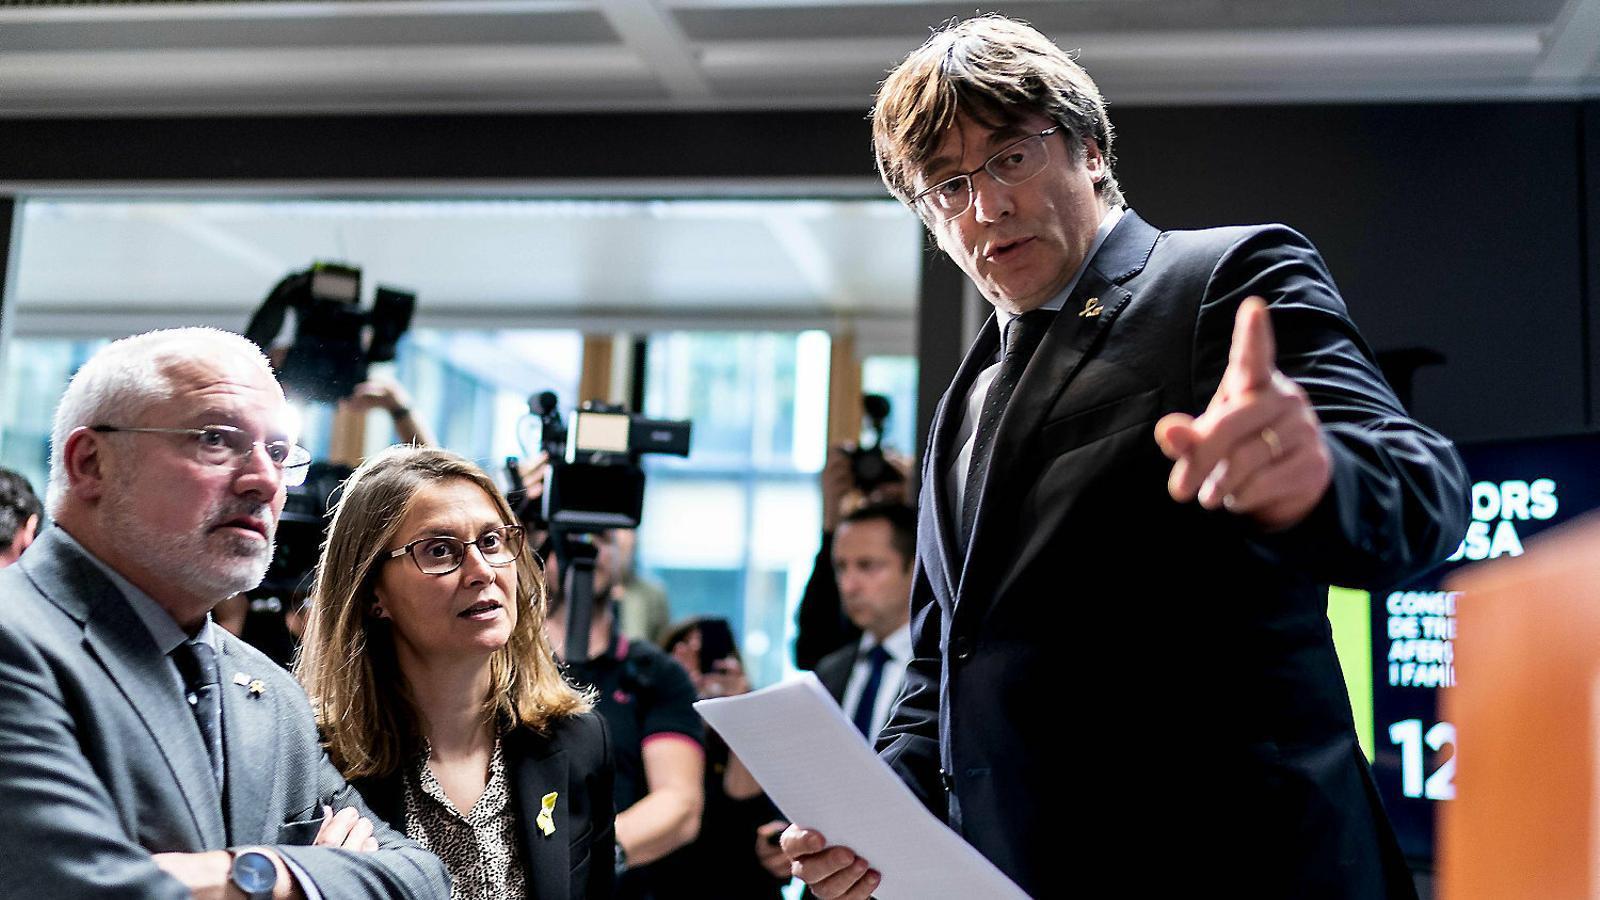 L'expresident de la Generalitat Carles Puigdemont durant la roda de premsa que va fer ahir a Brussel·les.